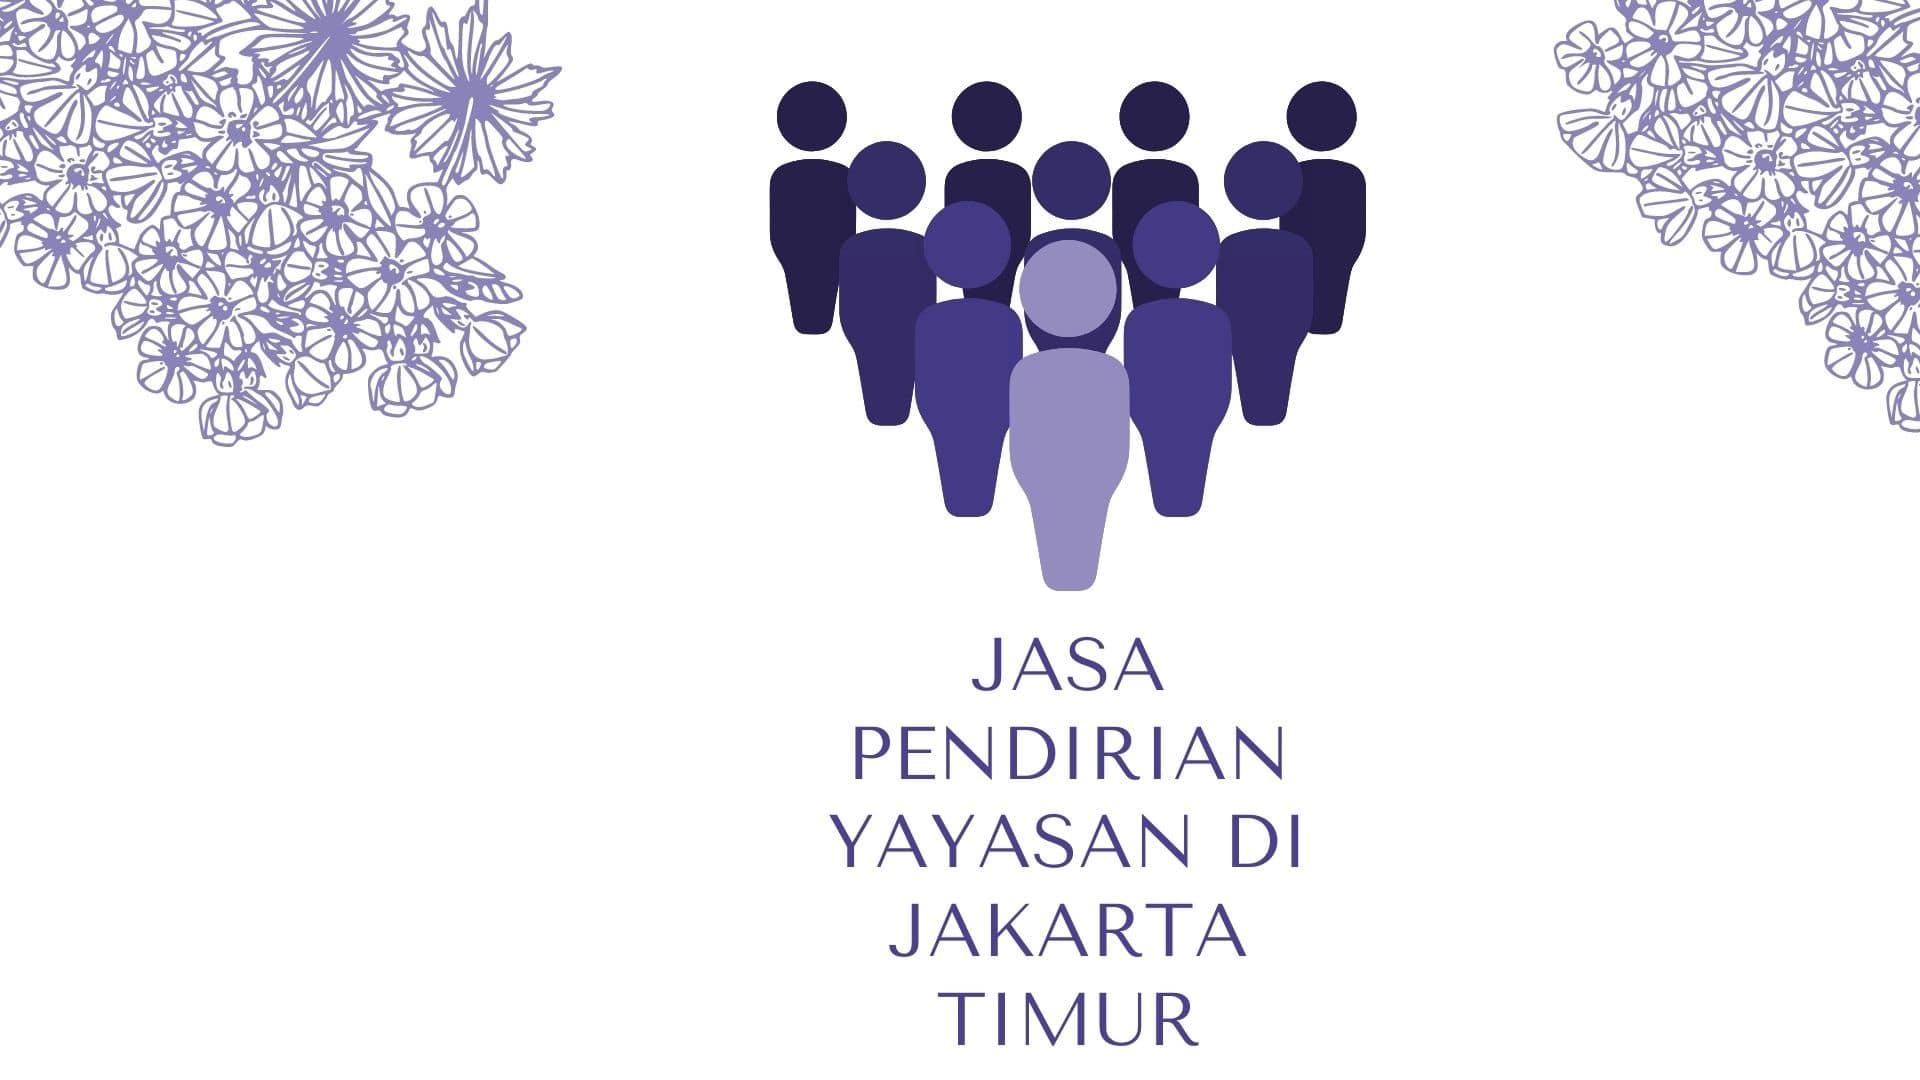 Jasa Pendirian Yayasan di Jakarta Timur